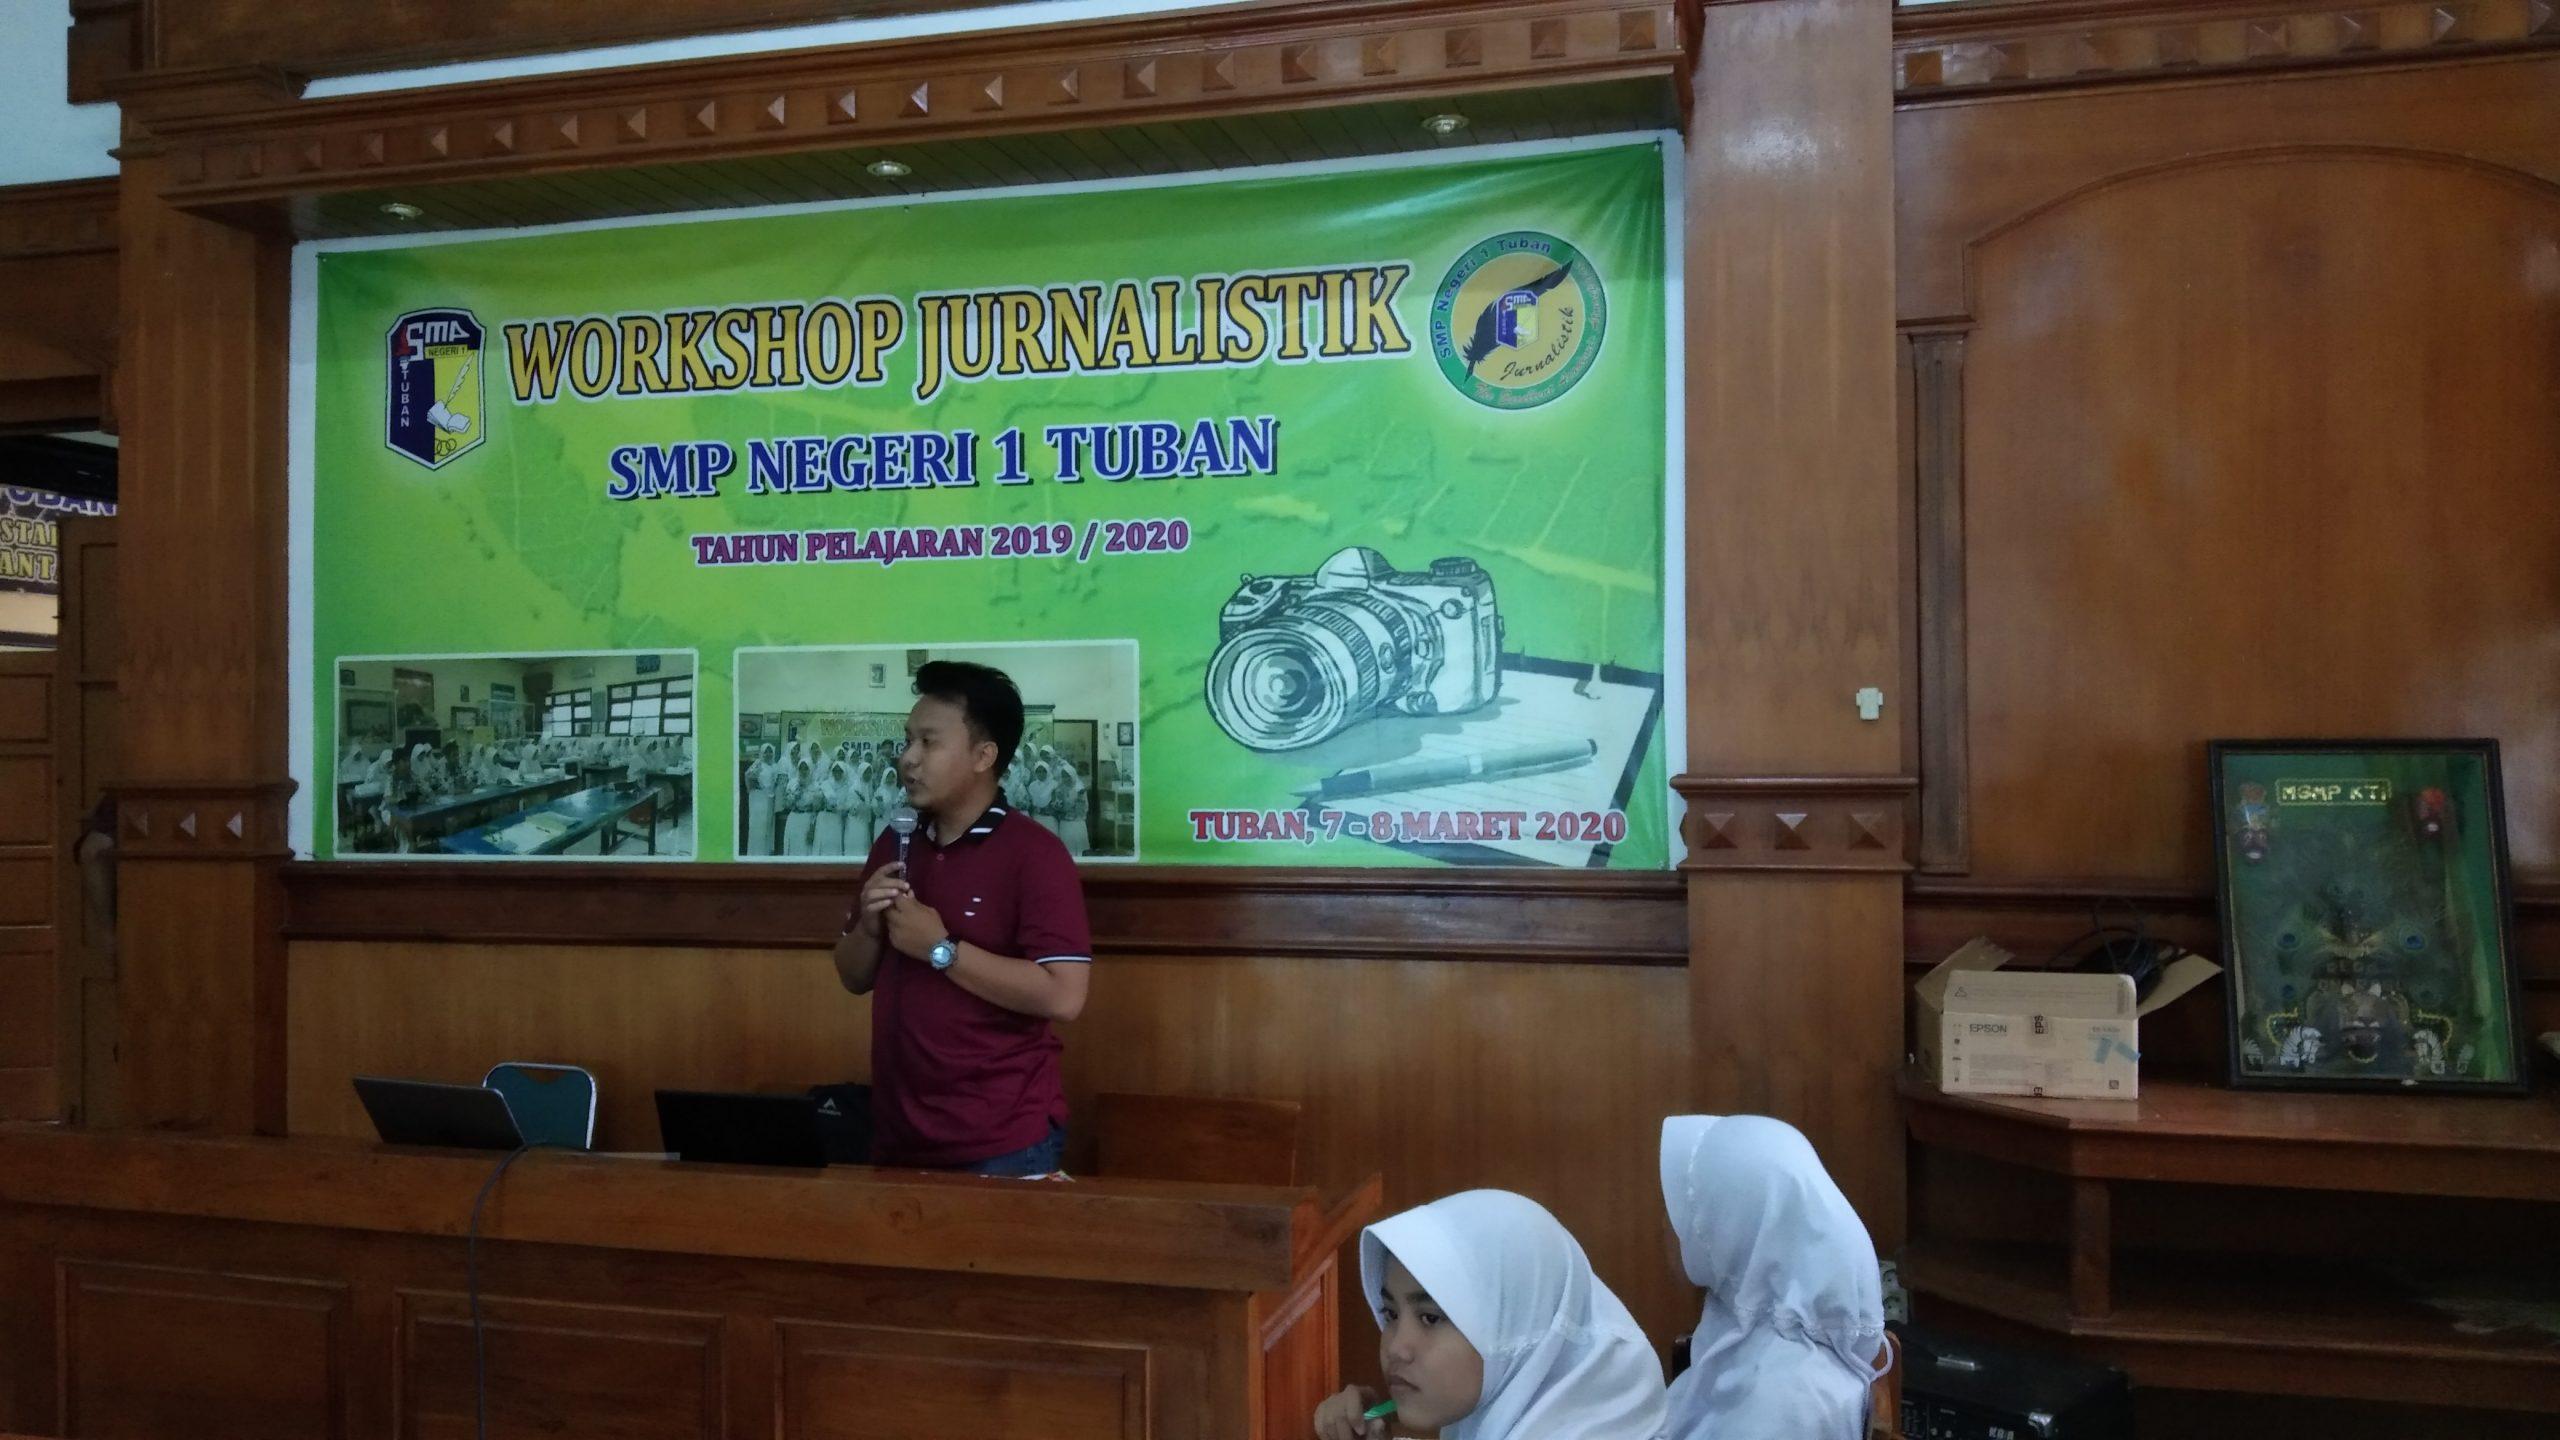 WORKSHOP JURNALISTIK BAGI SISWA SMPN 1 TUBAN